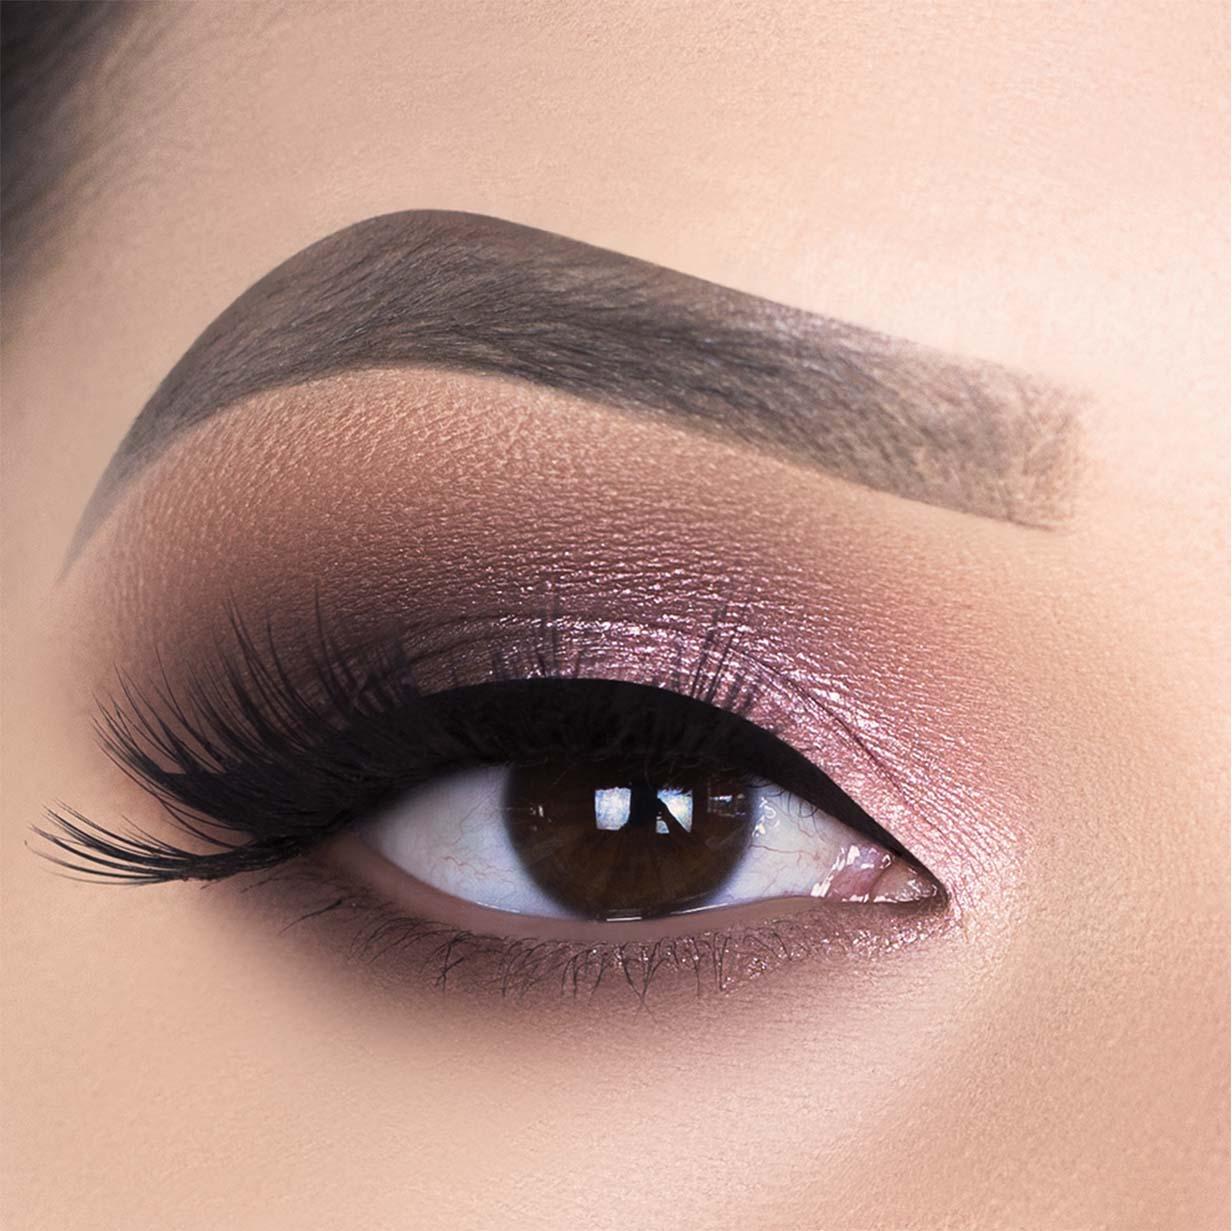 Asa de Borboleta Pigmento Suelen Makeup Nova York  - SUELEN MAKEUP